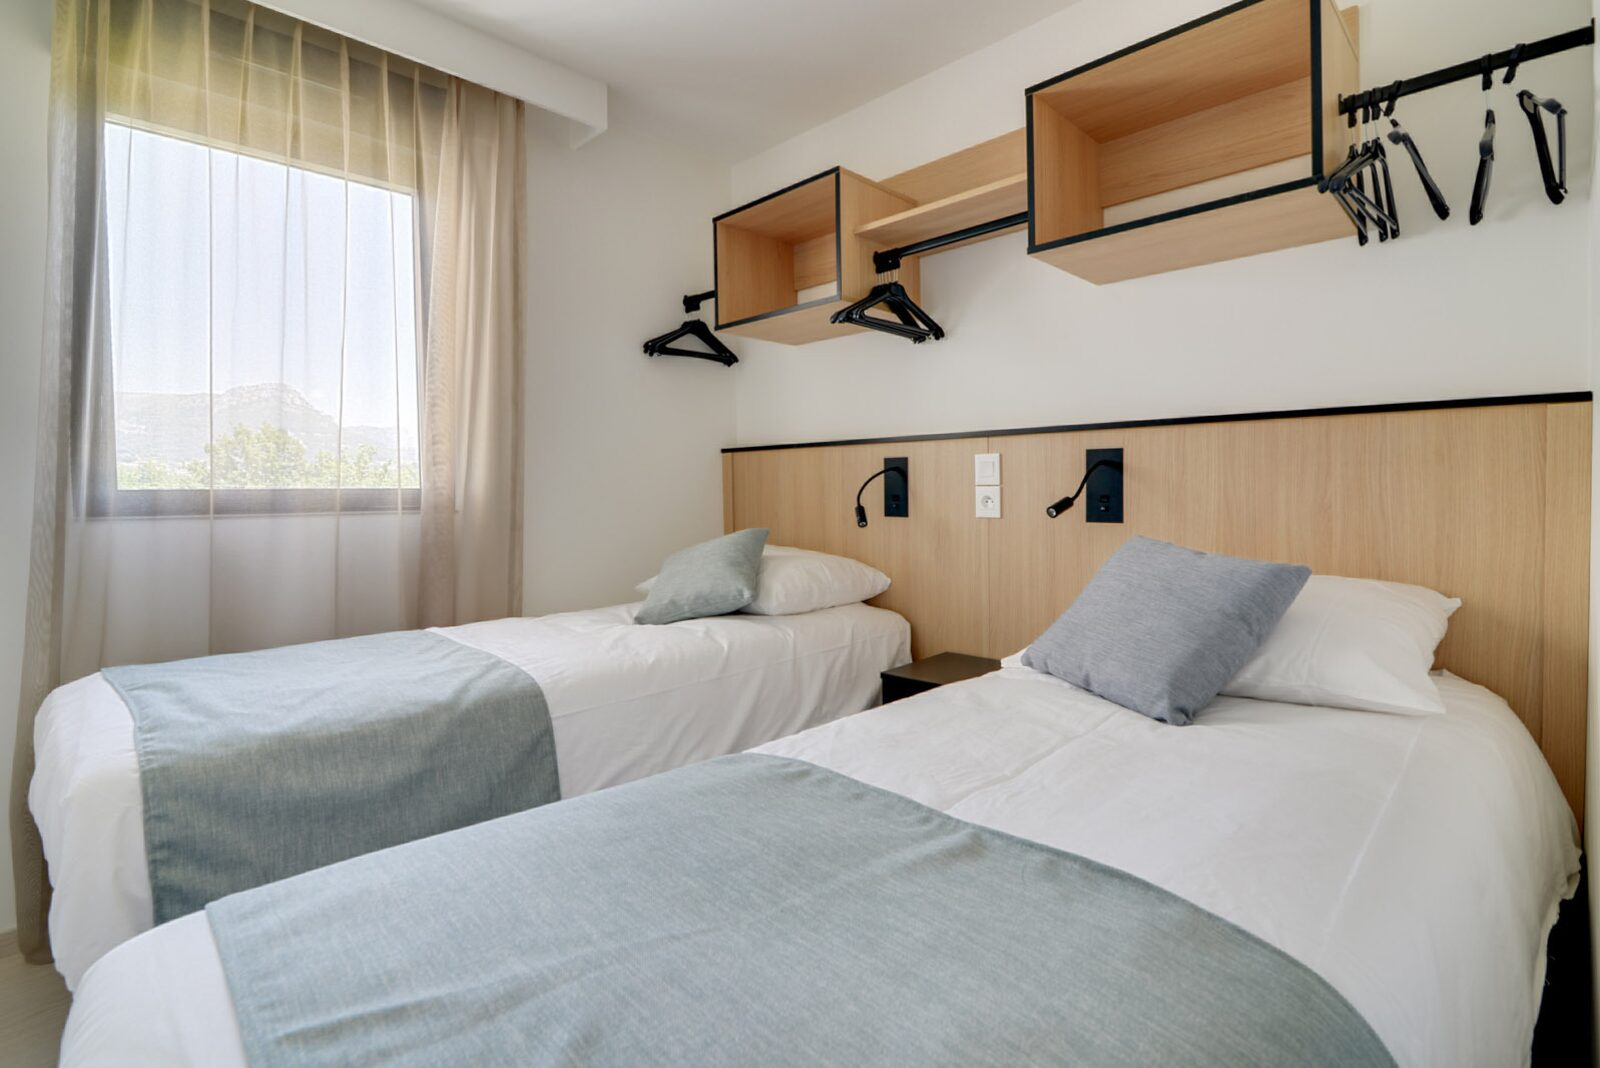 Nouvelle suite deluxe pour 4 personnes avec 2 chambres - lit double et lits simples